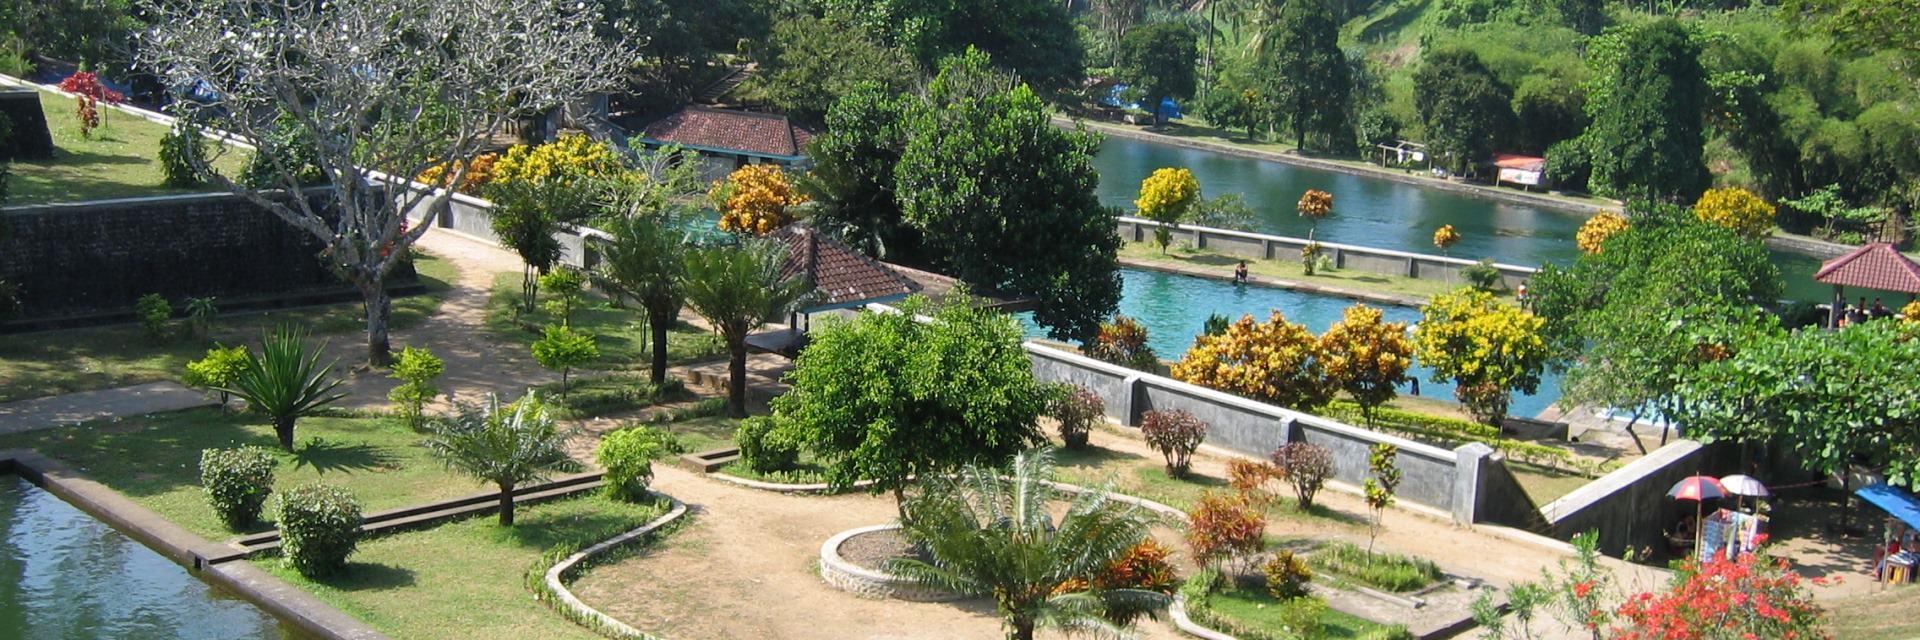 8 Wisata Bersejarah Mataram 8 Wisata Bersejarah Mataram - Dolan Dolen